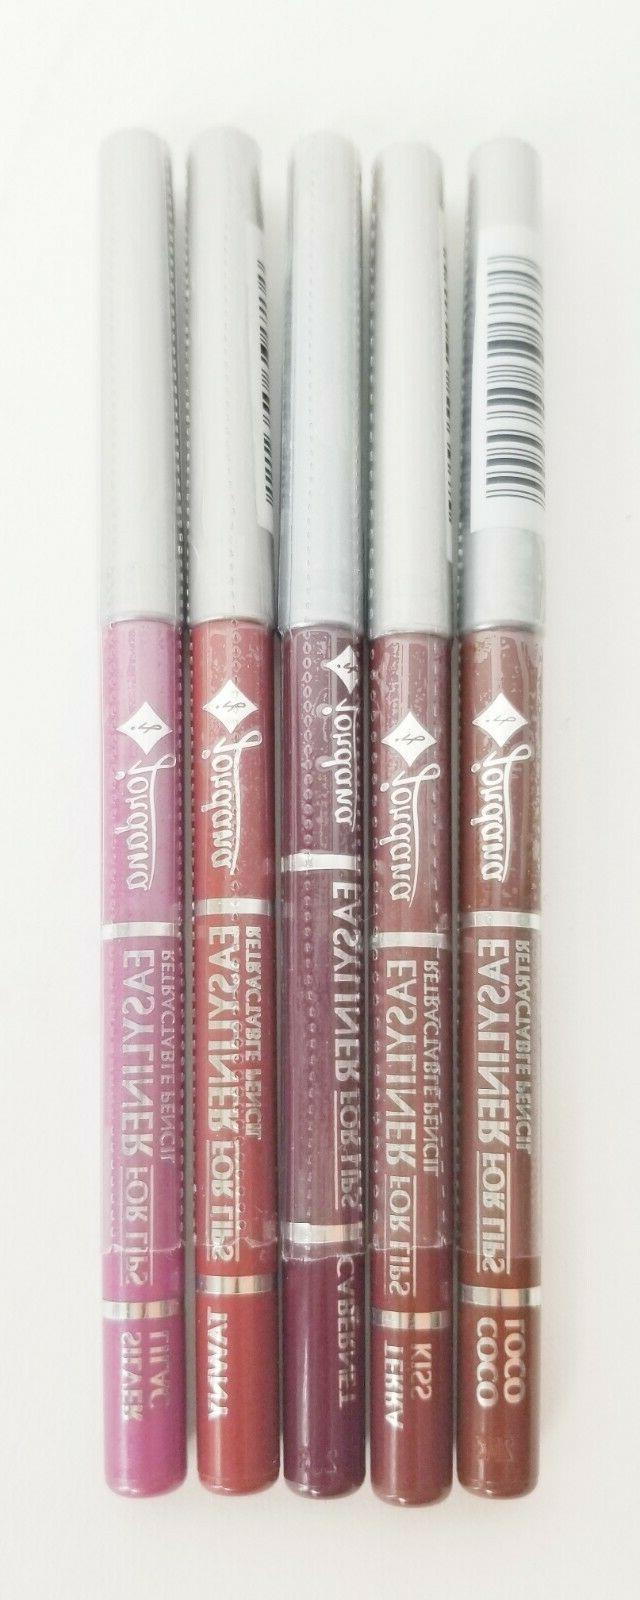 easyliner for lips lip liner pack of